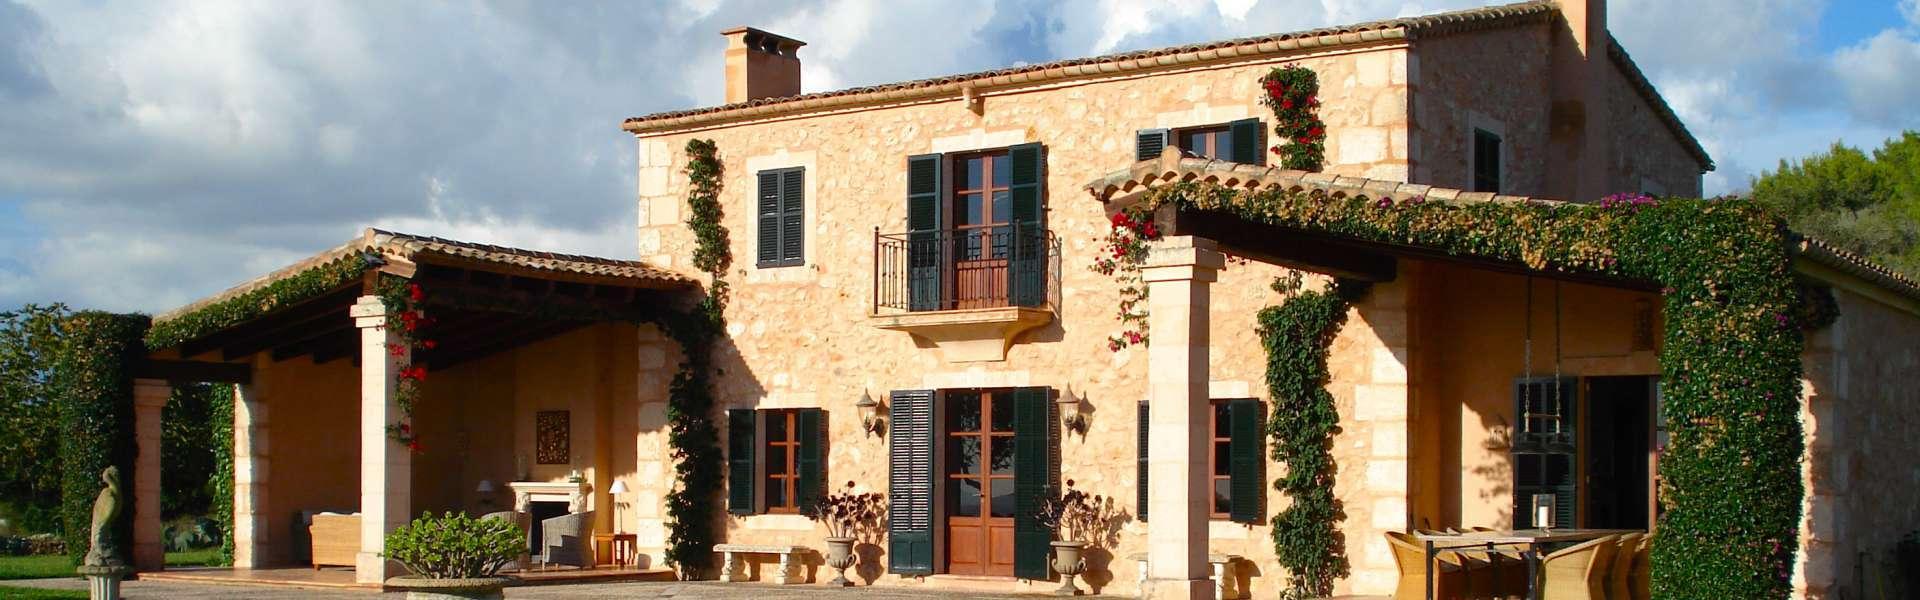 Montuiri - Herrenhaus in schöner Lage